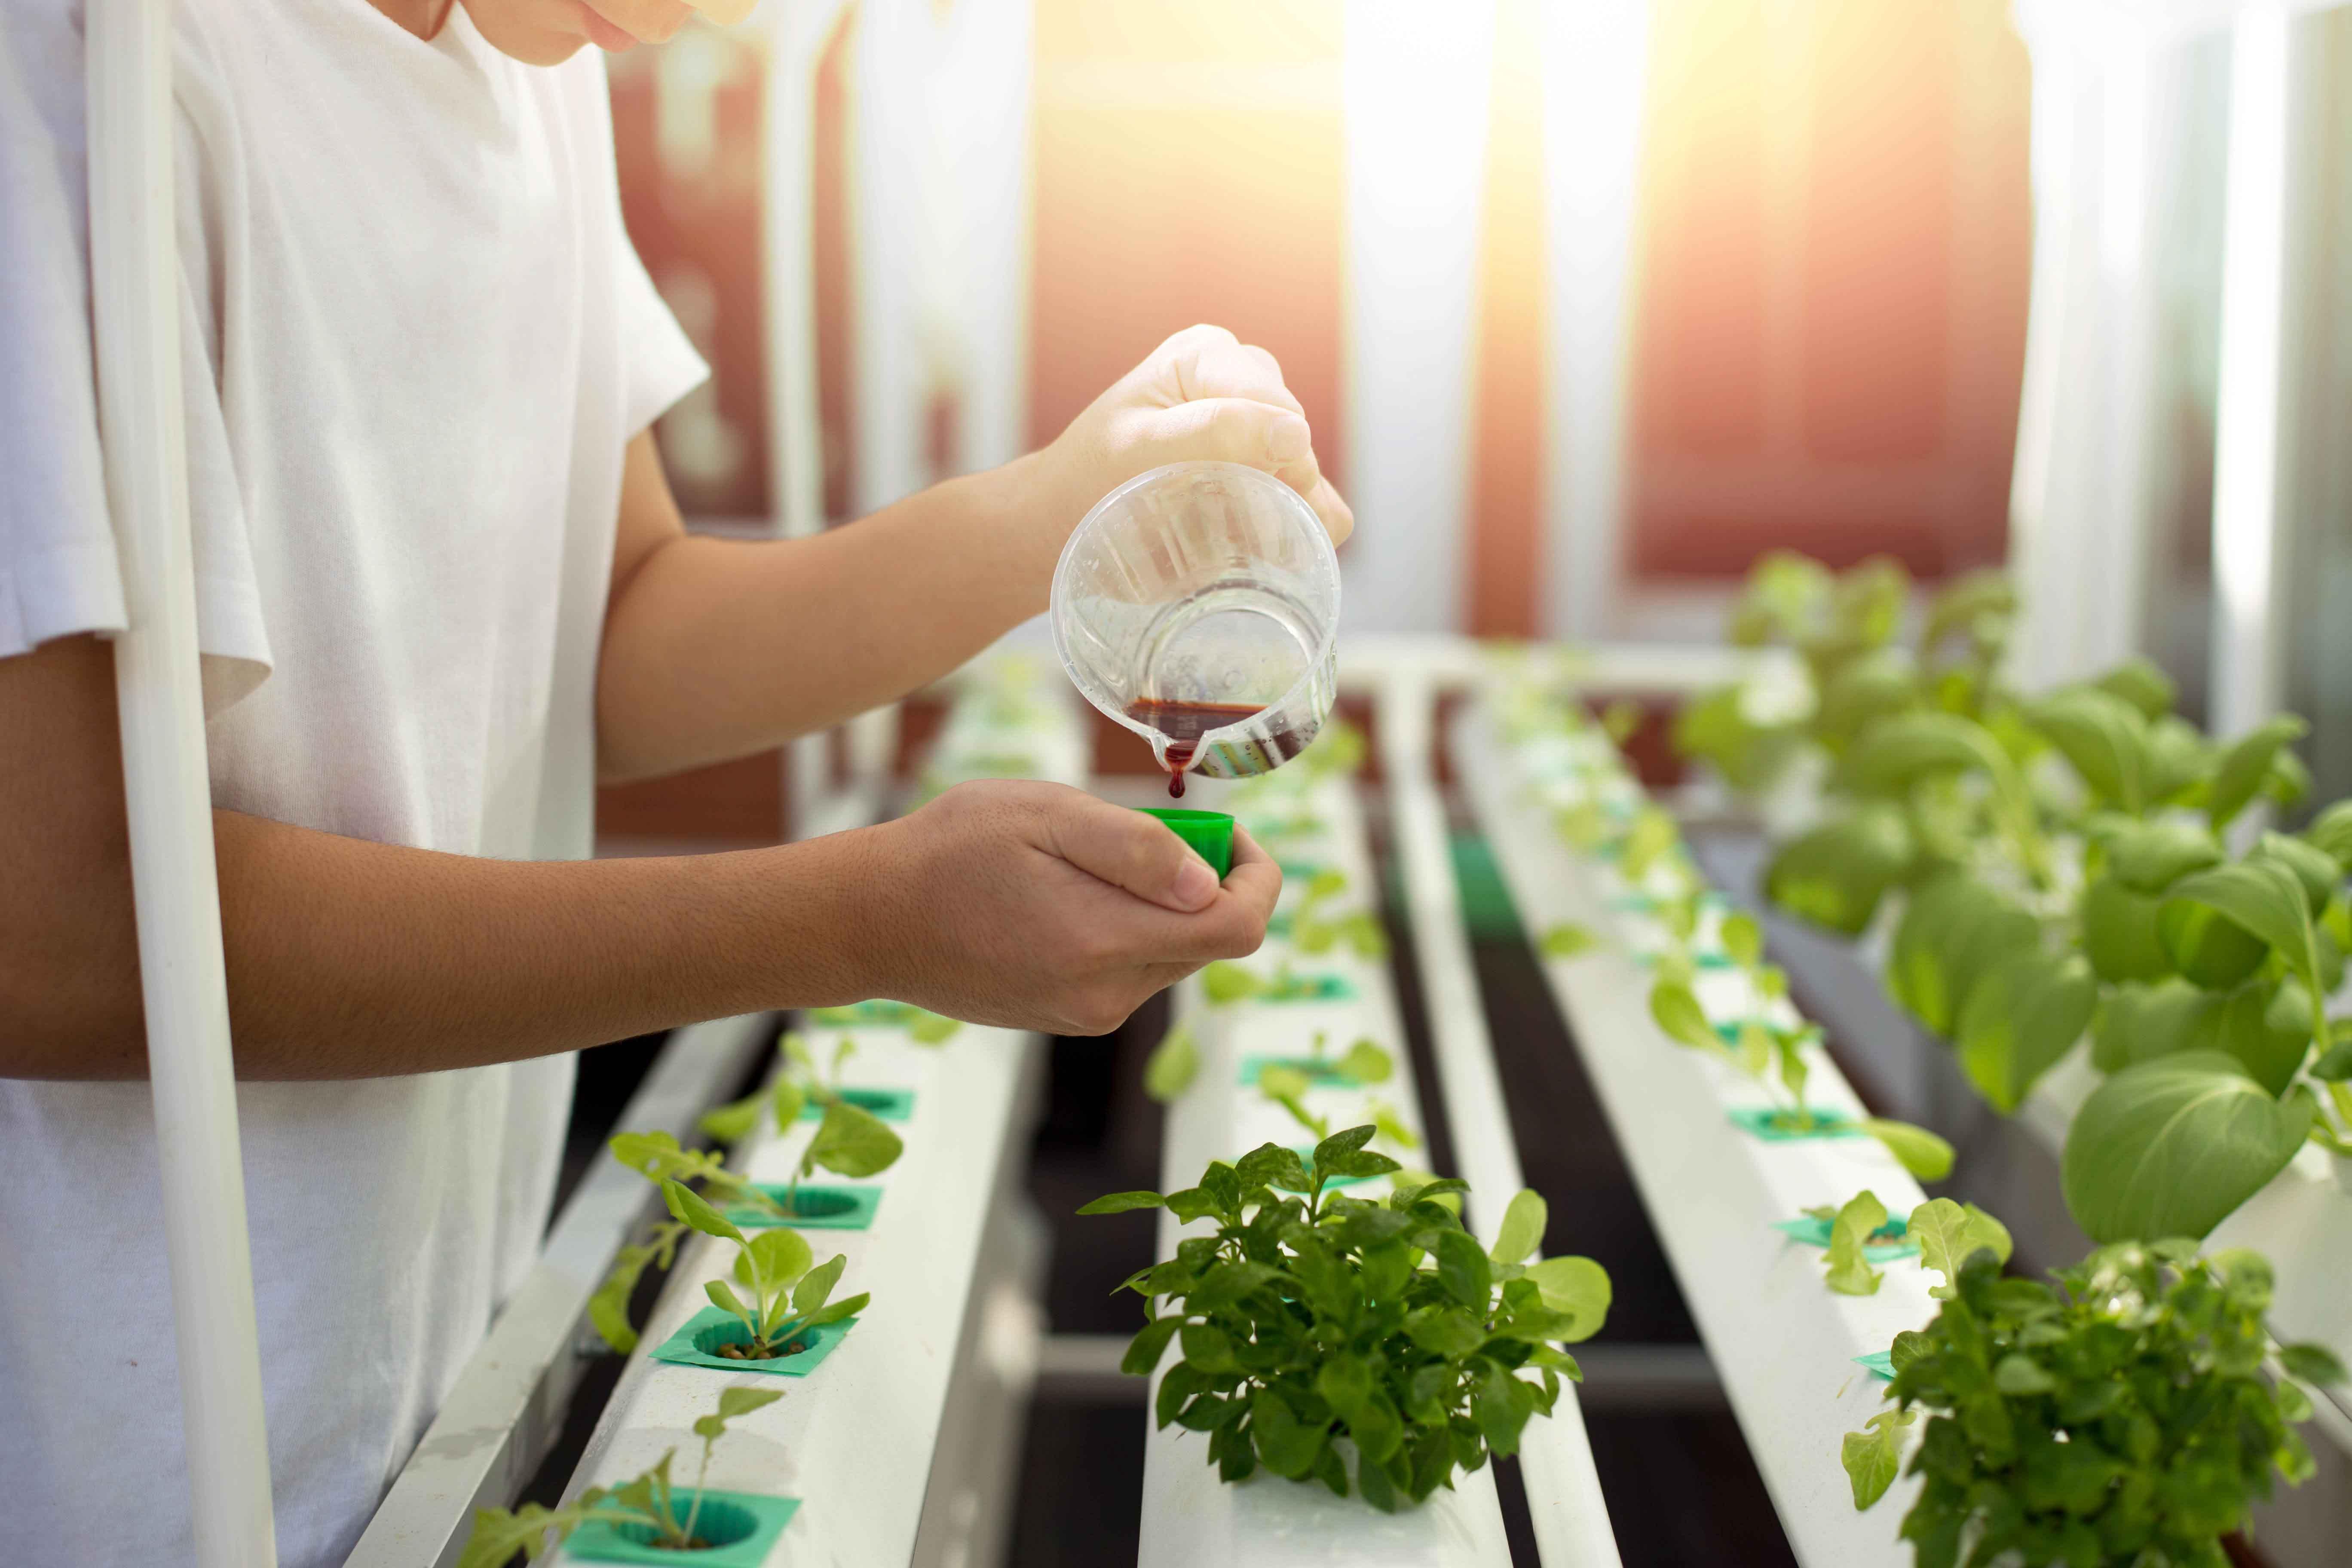 Chica abonando plantas de invernadero con fertilizante